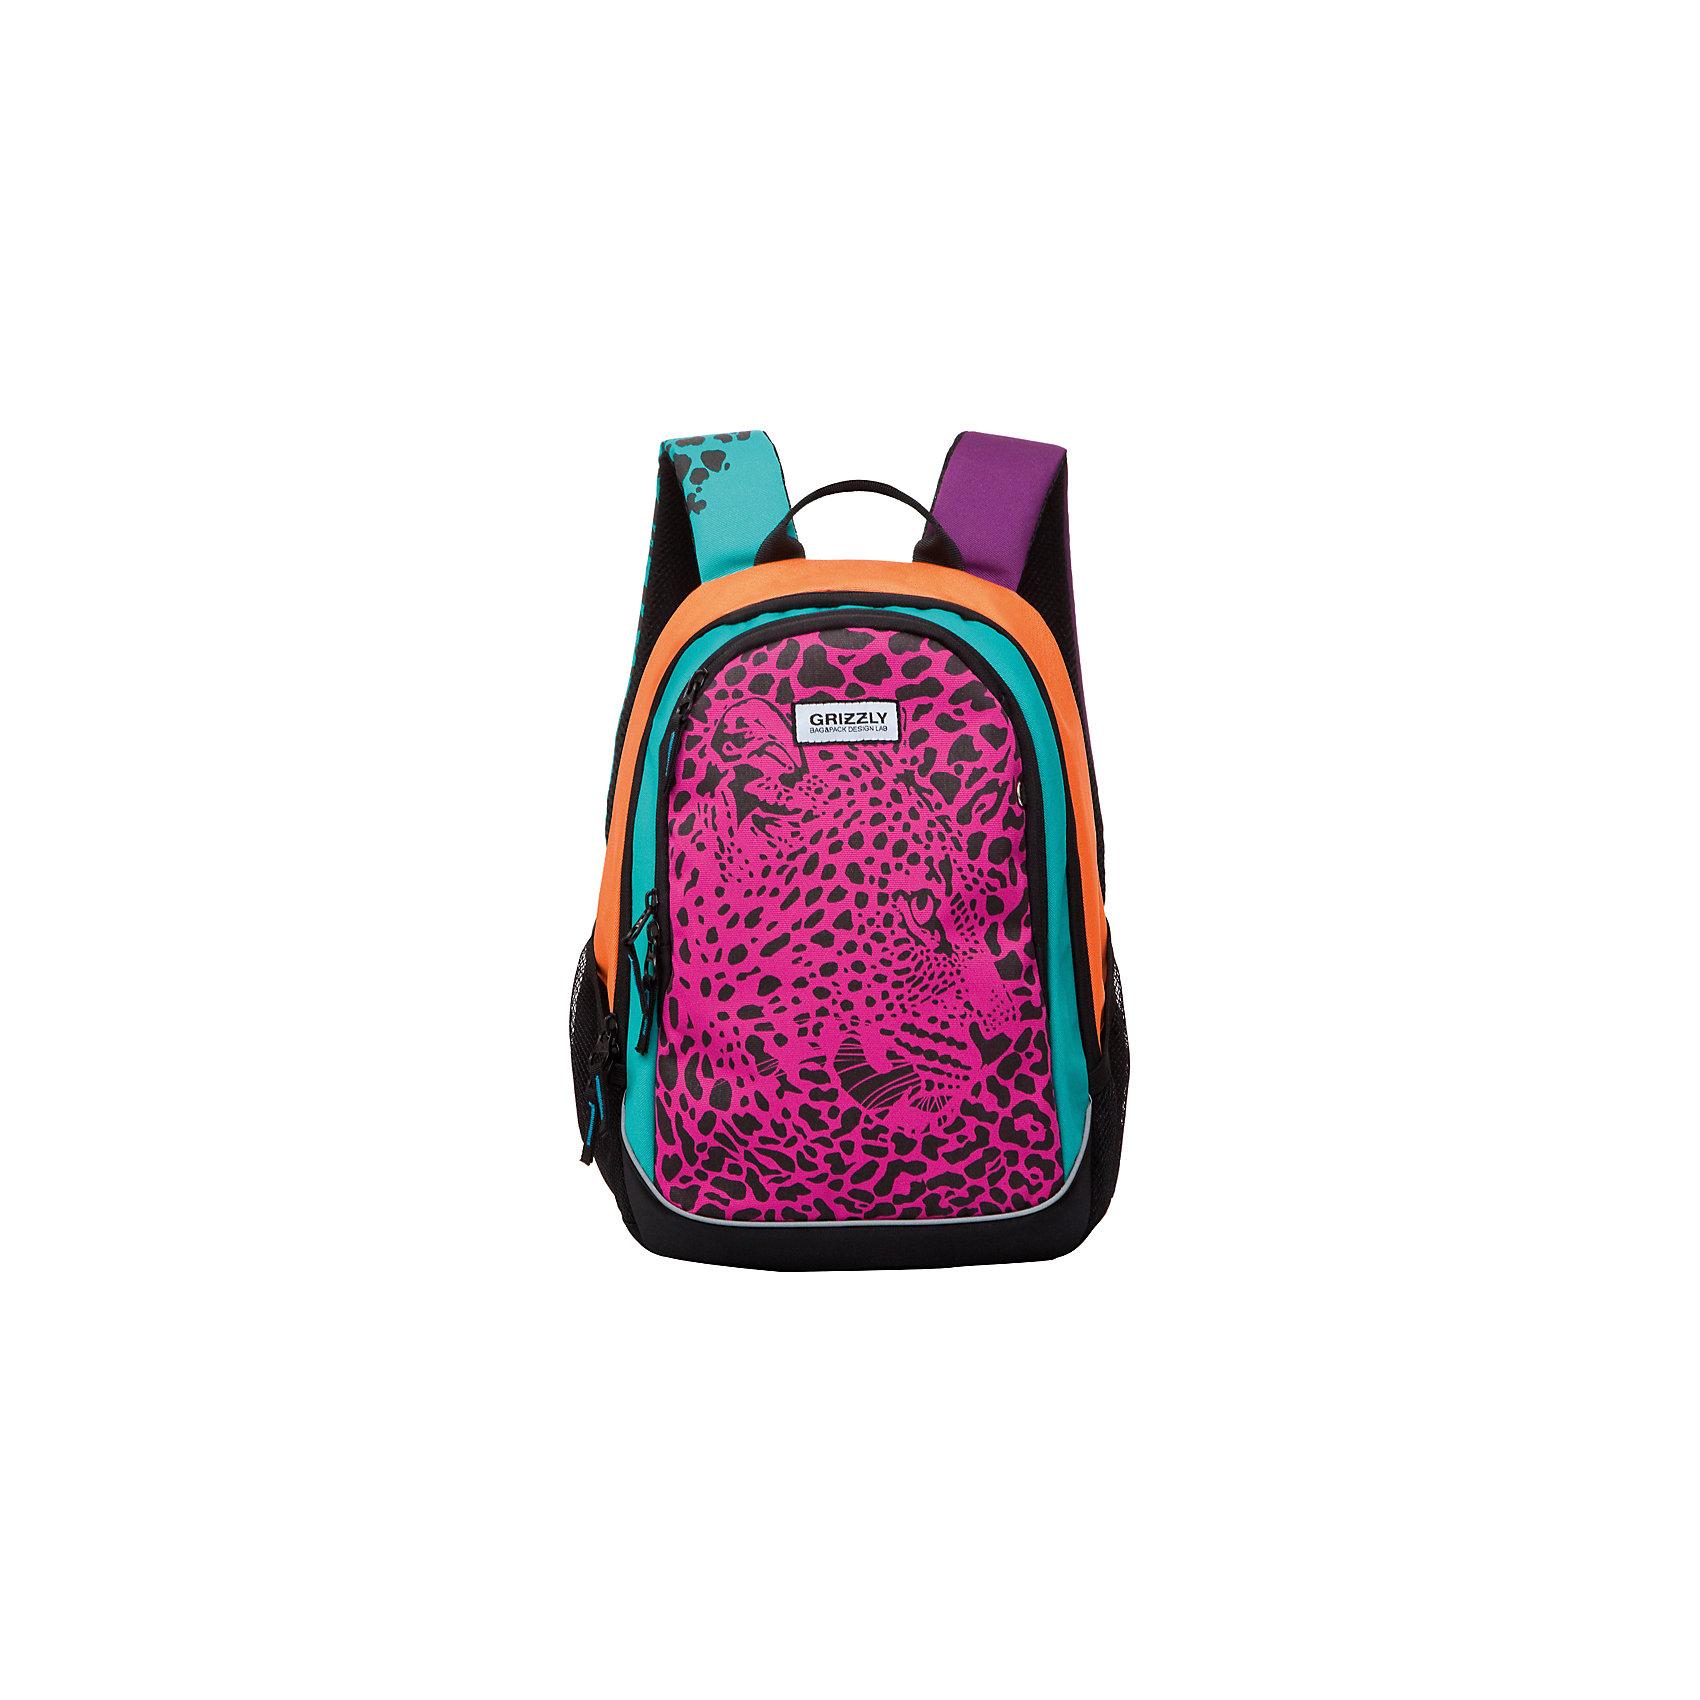 Рюкзак школьный Grizzly ЛеопардРюкзаки<br>Рюкзак Леопард, Grizzly (Гризли) ? рюкзак отечественного бренда Гризли молодежной серии. Рюкзак выполнен из принтованного полиэстера в сочетании с нейлоном высокого качества, что обеспечивает легкий вес, но при этом надежность и прочность. Все швы выполнены капроновыми нитками, что делает швы особенно крепкими и устойчивыми к износу даже в течение нескольких лет. <br>Внутреннее устройство рюкзака состоит из двух отсеков, внутреннего подвесного кармана, кармана на молнии и составного пенала-органайзера для хранения канцелярских принадлежностей. Повышенная вместительность рюкзака обеспечивается боковыми карманами из сетки и передним карманом на молнии. Удобство и эргономичность рюкзака создается за счет укрепленной спинки и лямок, а также благодаря мягкой укрепленной ручке. На задней стенке имеется карман быстрого доступа. Уникальность рюкзаков Grizzly заключается в том, что анатомическая спинка изготовлена из специальной ткани, которая пропускает воздух, тем самым защищает спину от повышенного потоотделения. Лямки регулируются под рост школьника.<br>Рюкзаки молодежной серии Grizzly (Гризли) ? это не только удобство и функциональность, это еще и оригинальный современный дизайн. Рюкзак Леопард, Grizzly (Гризли) выполнен оригинальном дизайнерском решении: классический рисунок леопарда представлен в ярких цветах. <br>Рюкзак Леопард, Grizzly (Гризли) ? это качество материалов, удобство и долговечность использования. <br><br>Дополнительная информация:<br><br>- Вес: 690 г<br>- Габариты (Д*Г*В): 29*20*40 см<br>- Цвет: черный, розовый, оранжевый, бирюзовый<br>- Материал: полиэстер, нейлон <br>- Сезон: круглый год<br>- Коллекция: молодежная <br>- Год коллекции: 2016 <br>- Пол: женский<br>- Предназначение: для школы, для занятий спортом<br>- Особенности ухода: можно чистить влажной щеткой или губкой, допускается ручная стирка<br><br>Подробнее:<br><br>• Для школьников в возрасте: от 8 лет и до 12 лет<br>• Страна производитель: Россия<br>